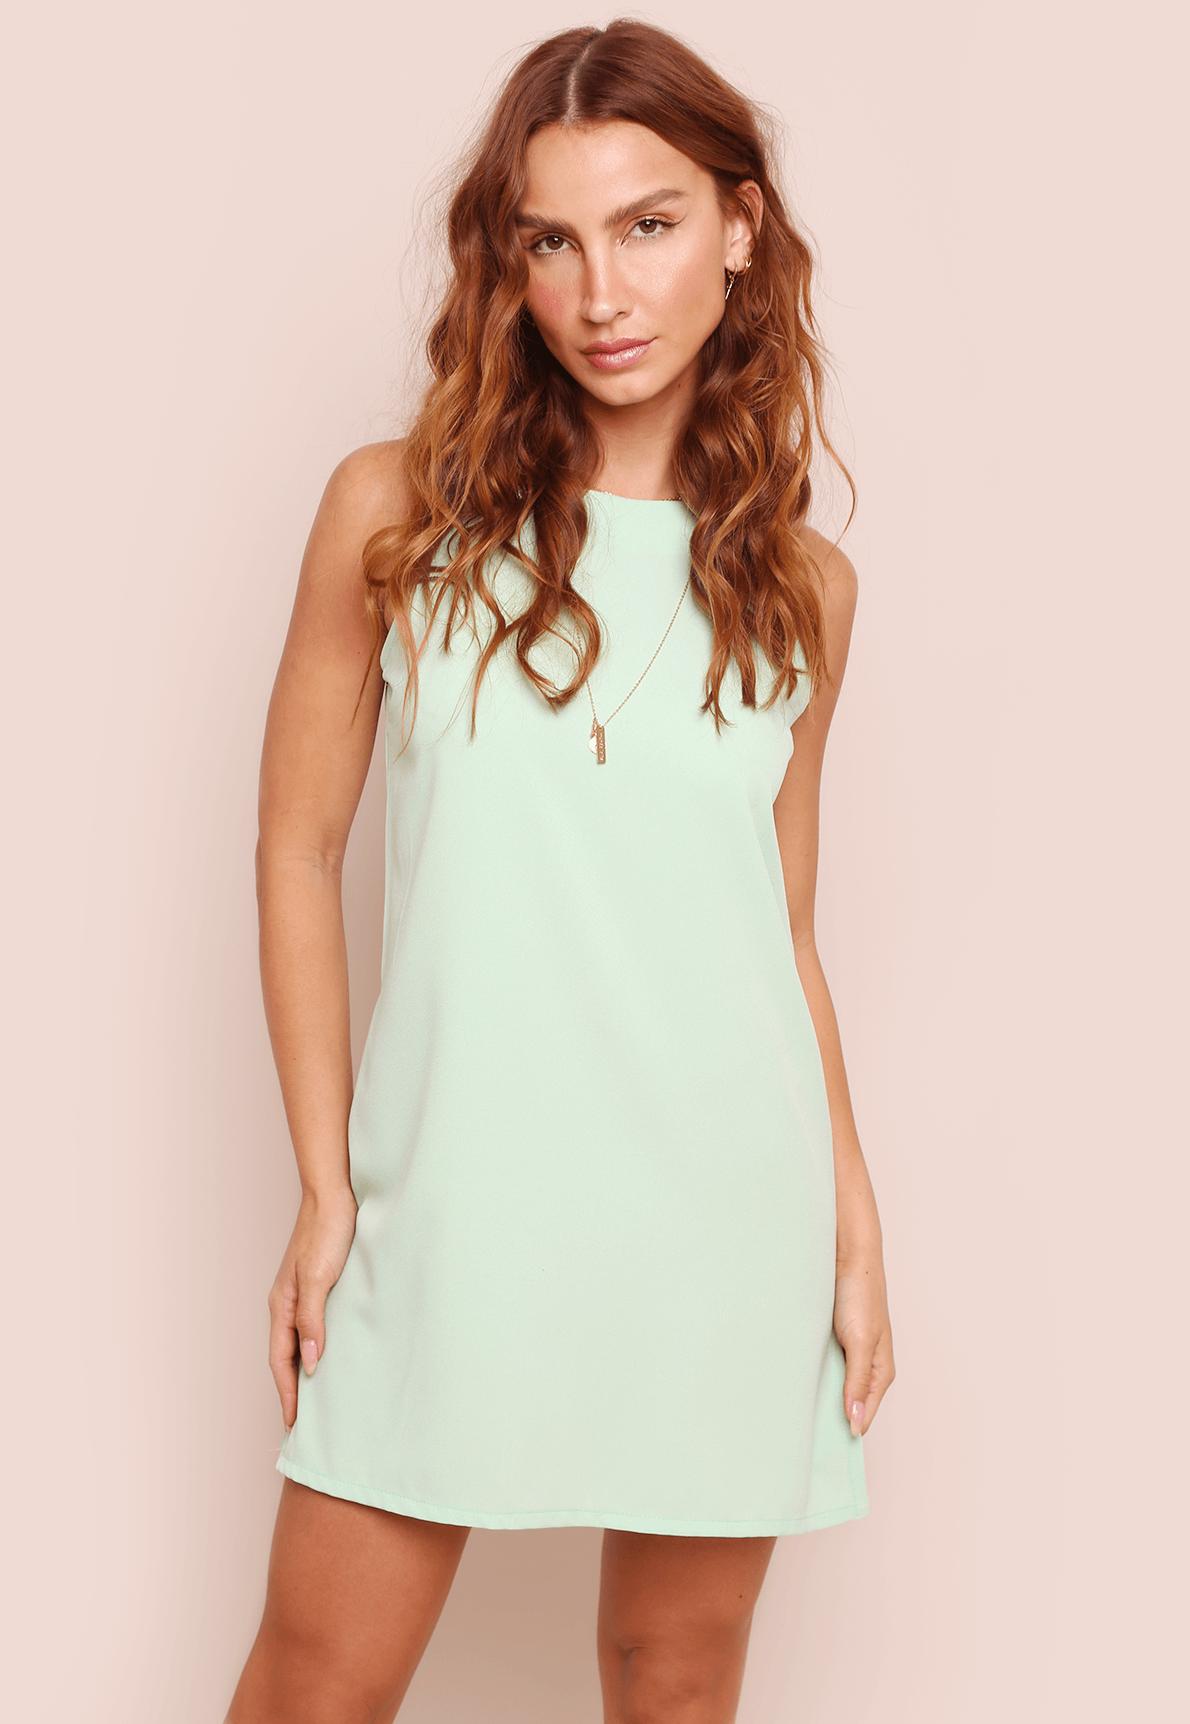 32935-Vestido-Gabriela-verde-mundo-lolita-01